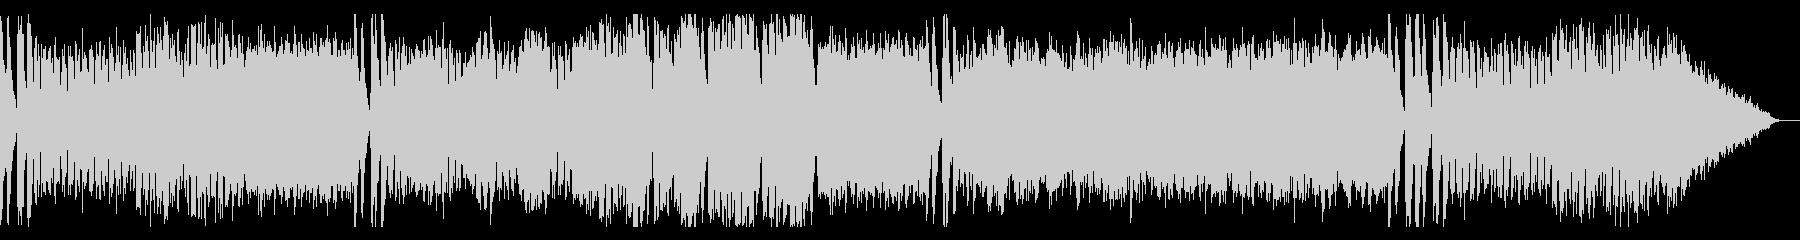 追われてるようなBGMの未再生の波形